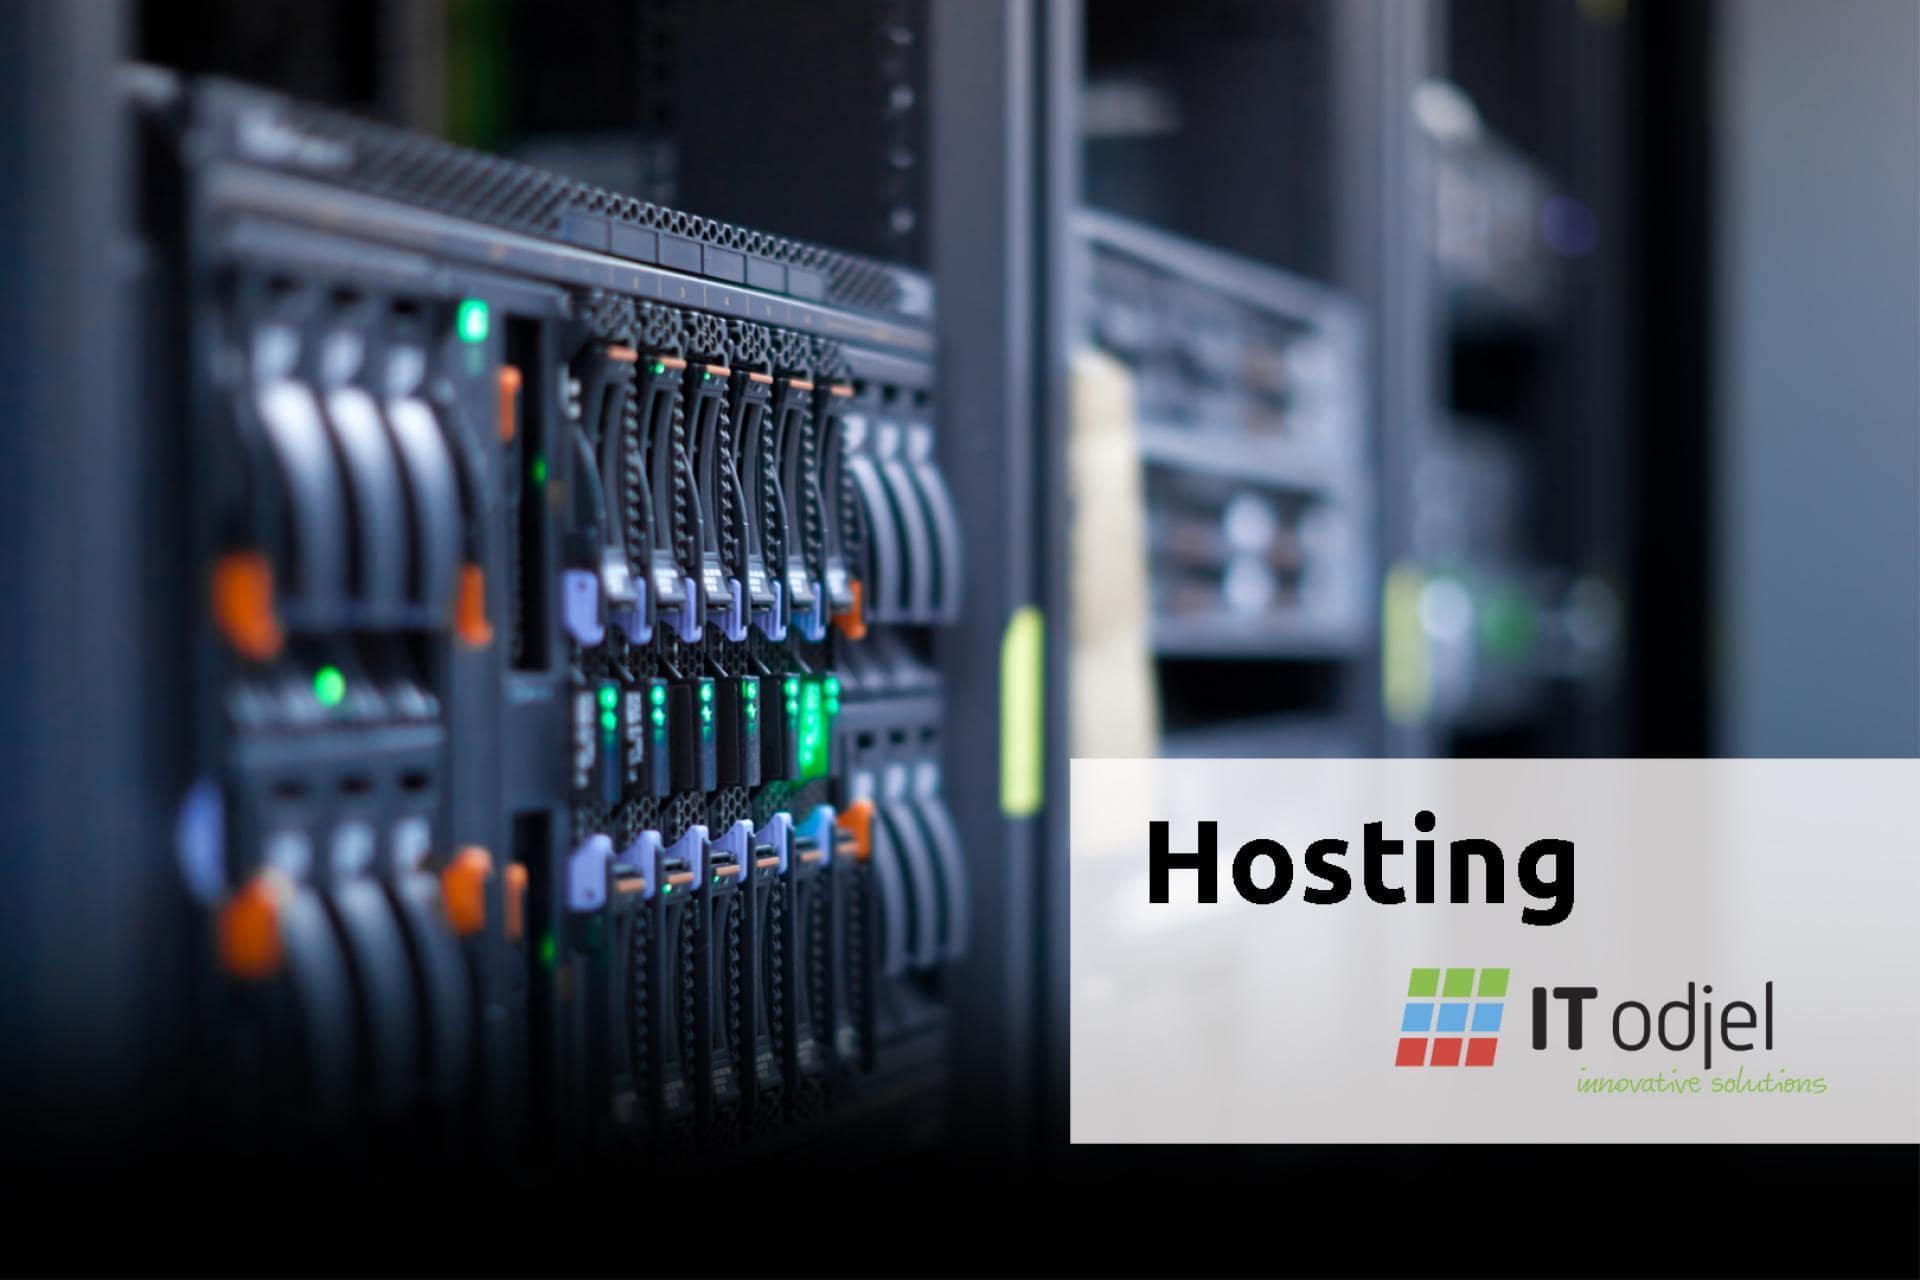 Hosting for Prvi.tv